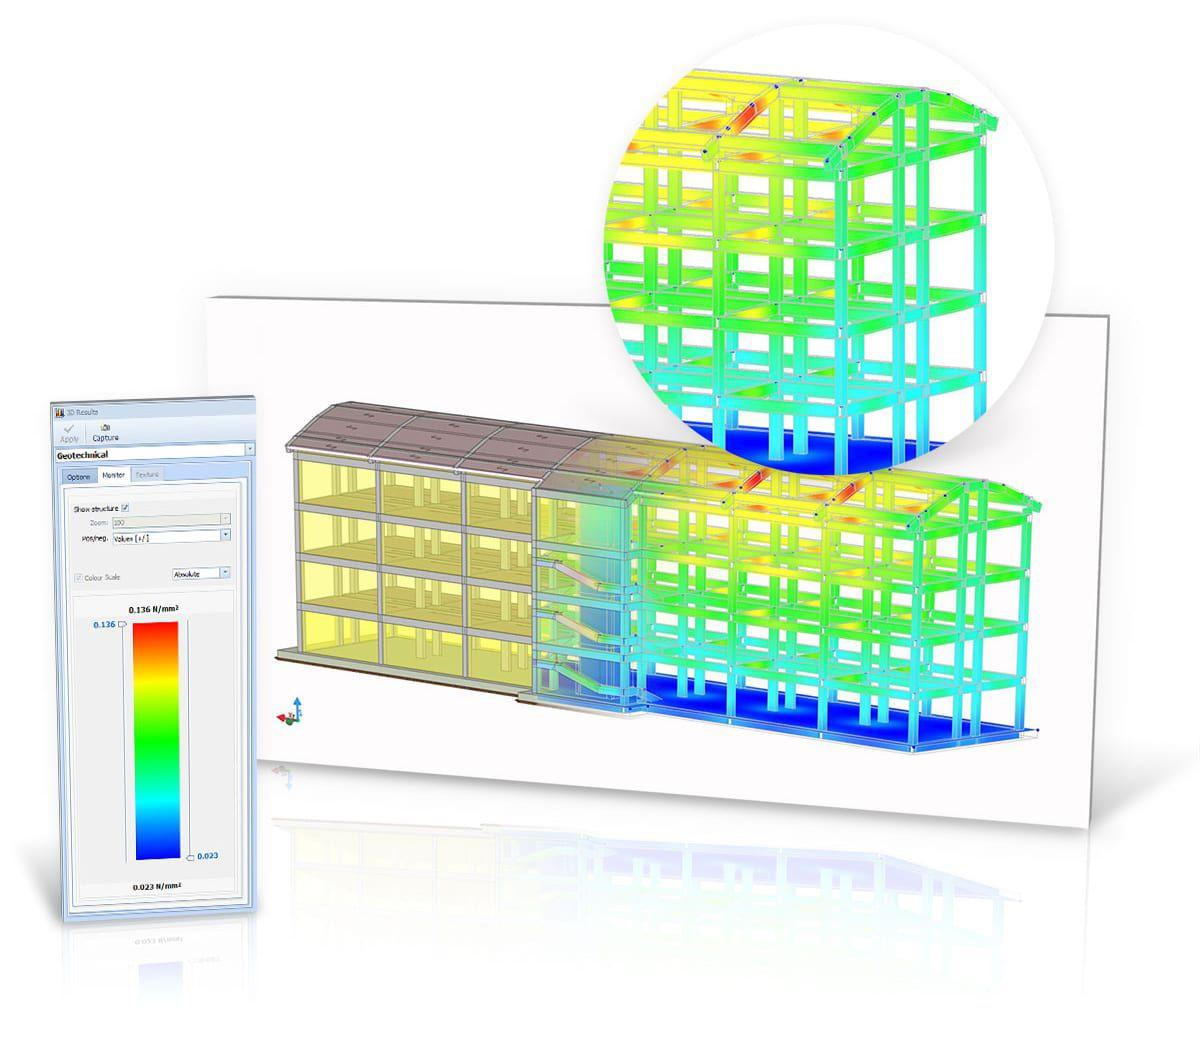 Representaciones gráficas de los resultados de cálculo claras y eficaces - EdiLus CONCRETE - ACCA software